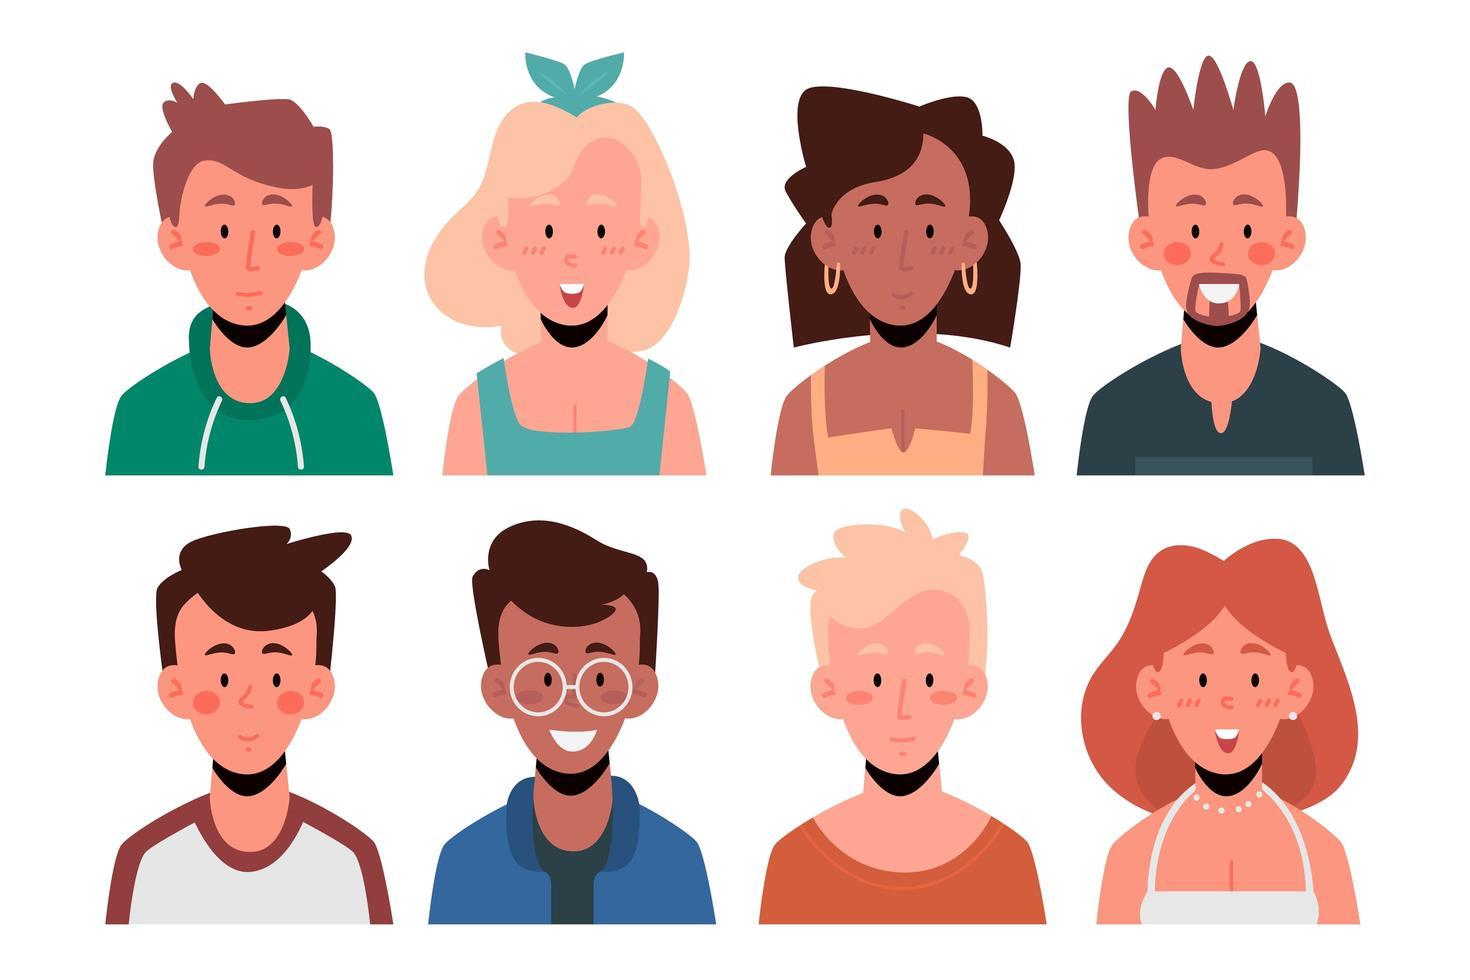 mensen avatar collectie vector